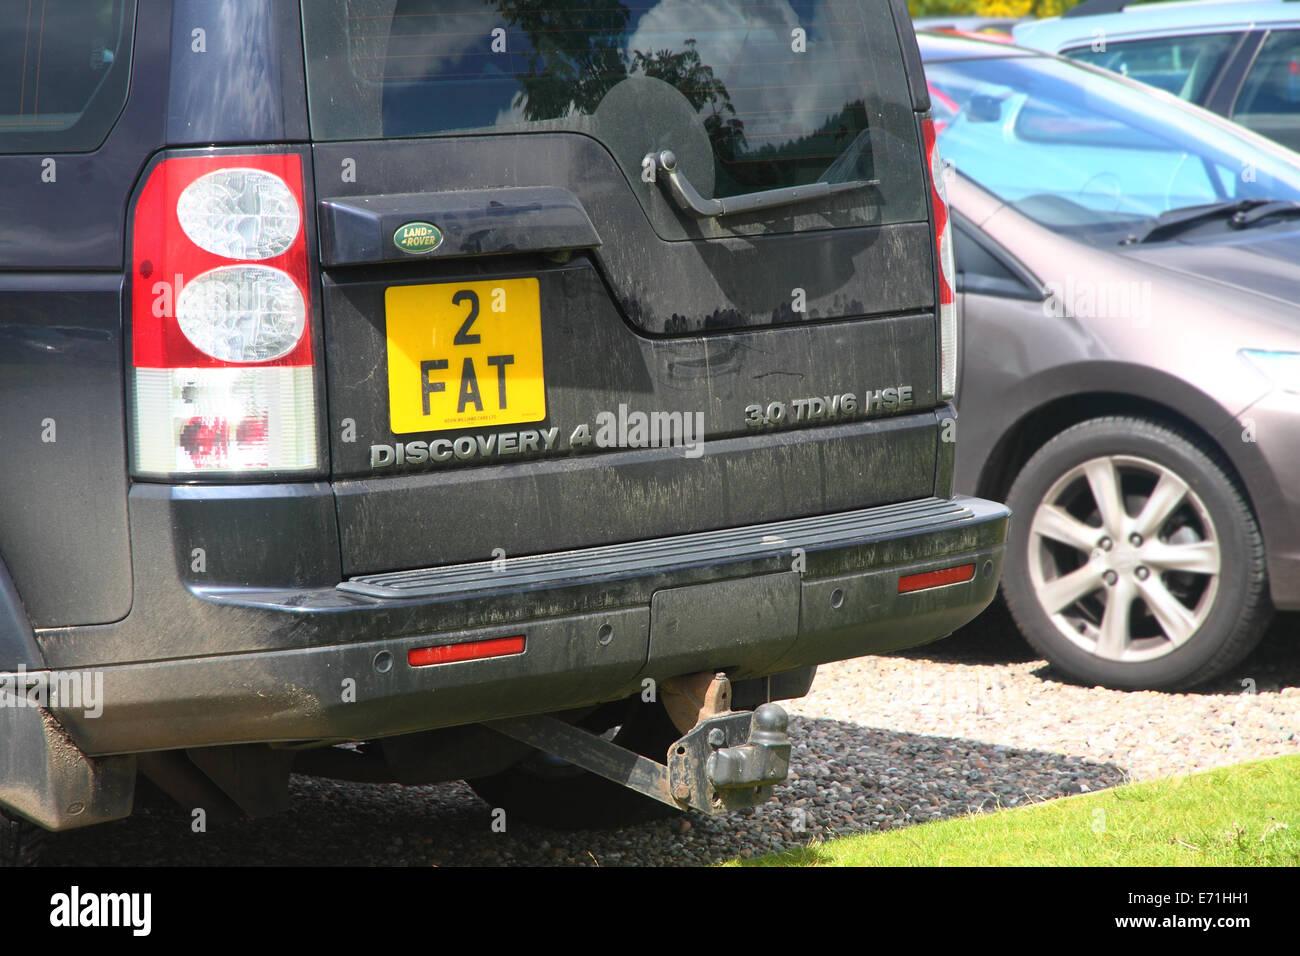 '2' grasa acariciado la inscripción en una sucia Land Rover Discovery vistos en un aparcamiento de Perthshire, Escocia Foto de stock